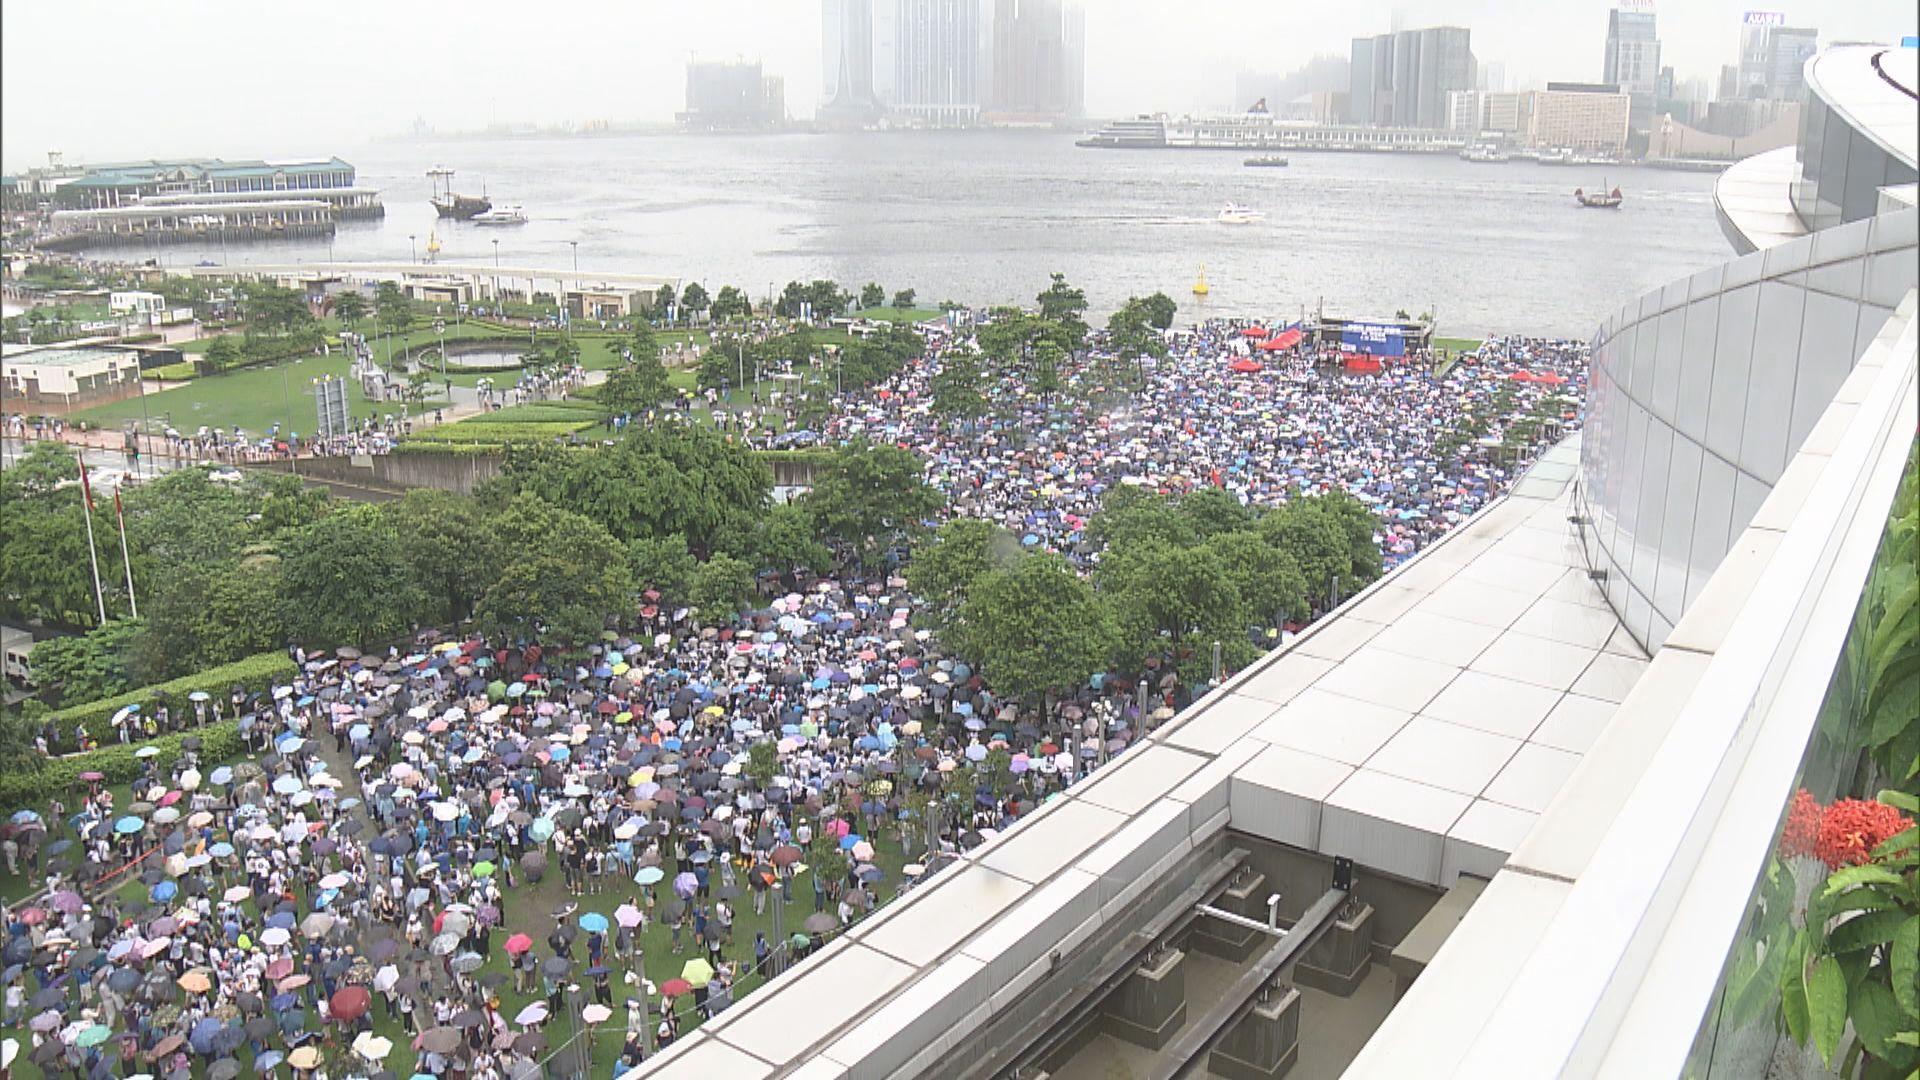 撐警集會大會稱16.5萬人參與